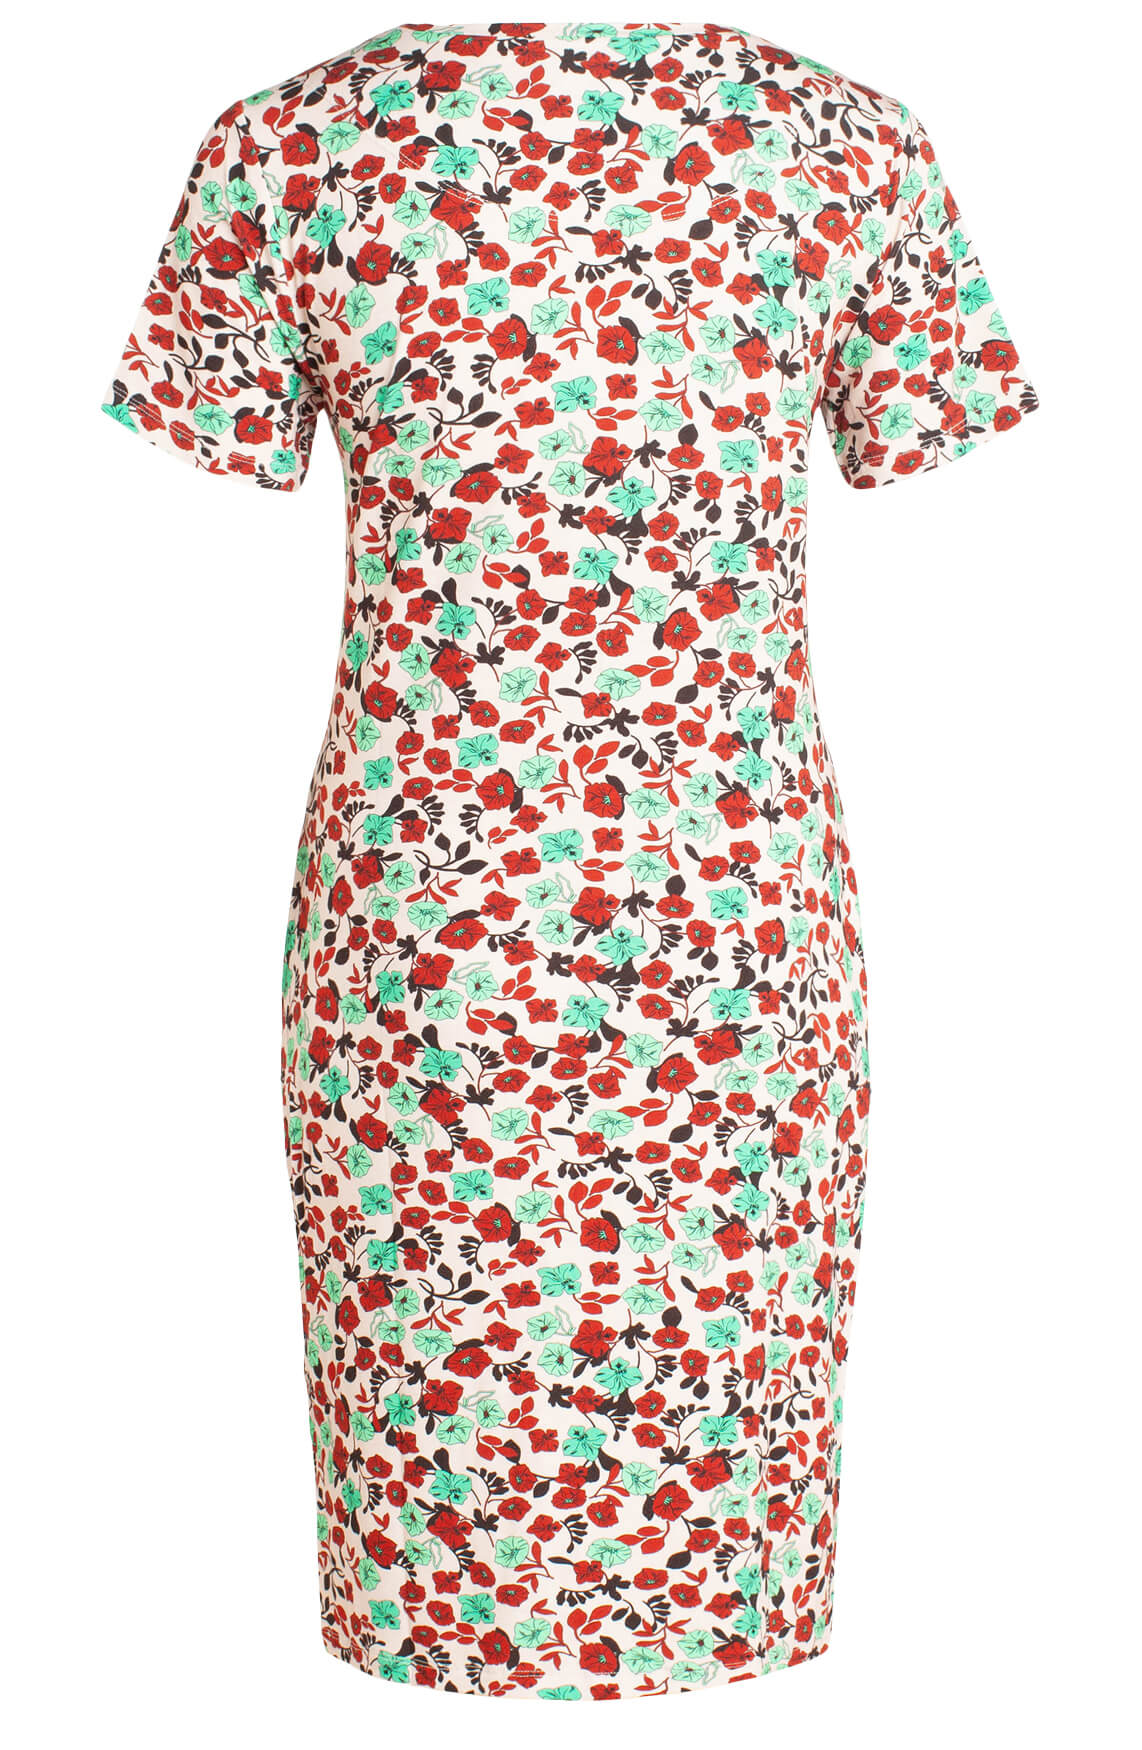 Anna Dames Gebloemde jurk roze